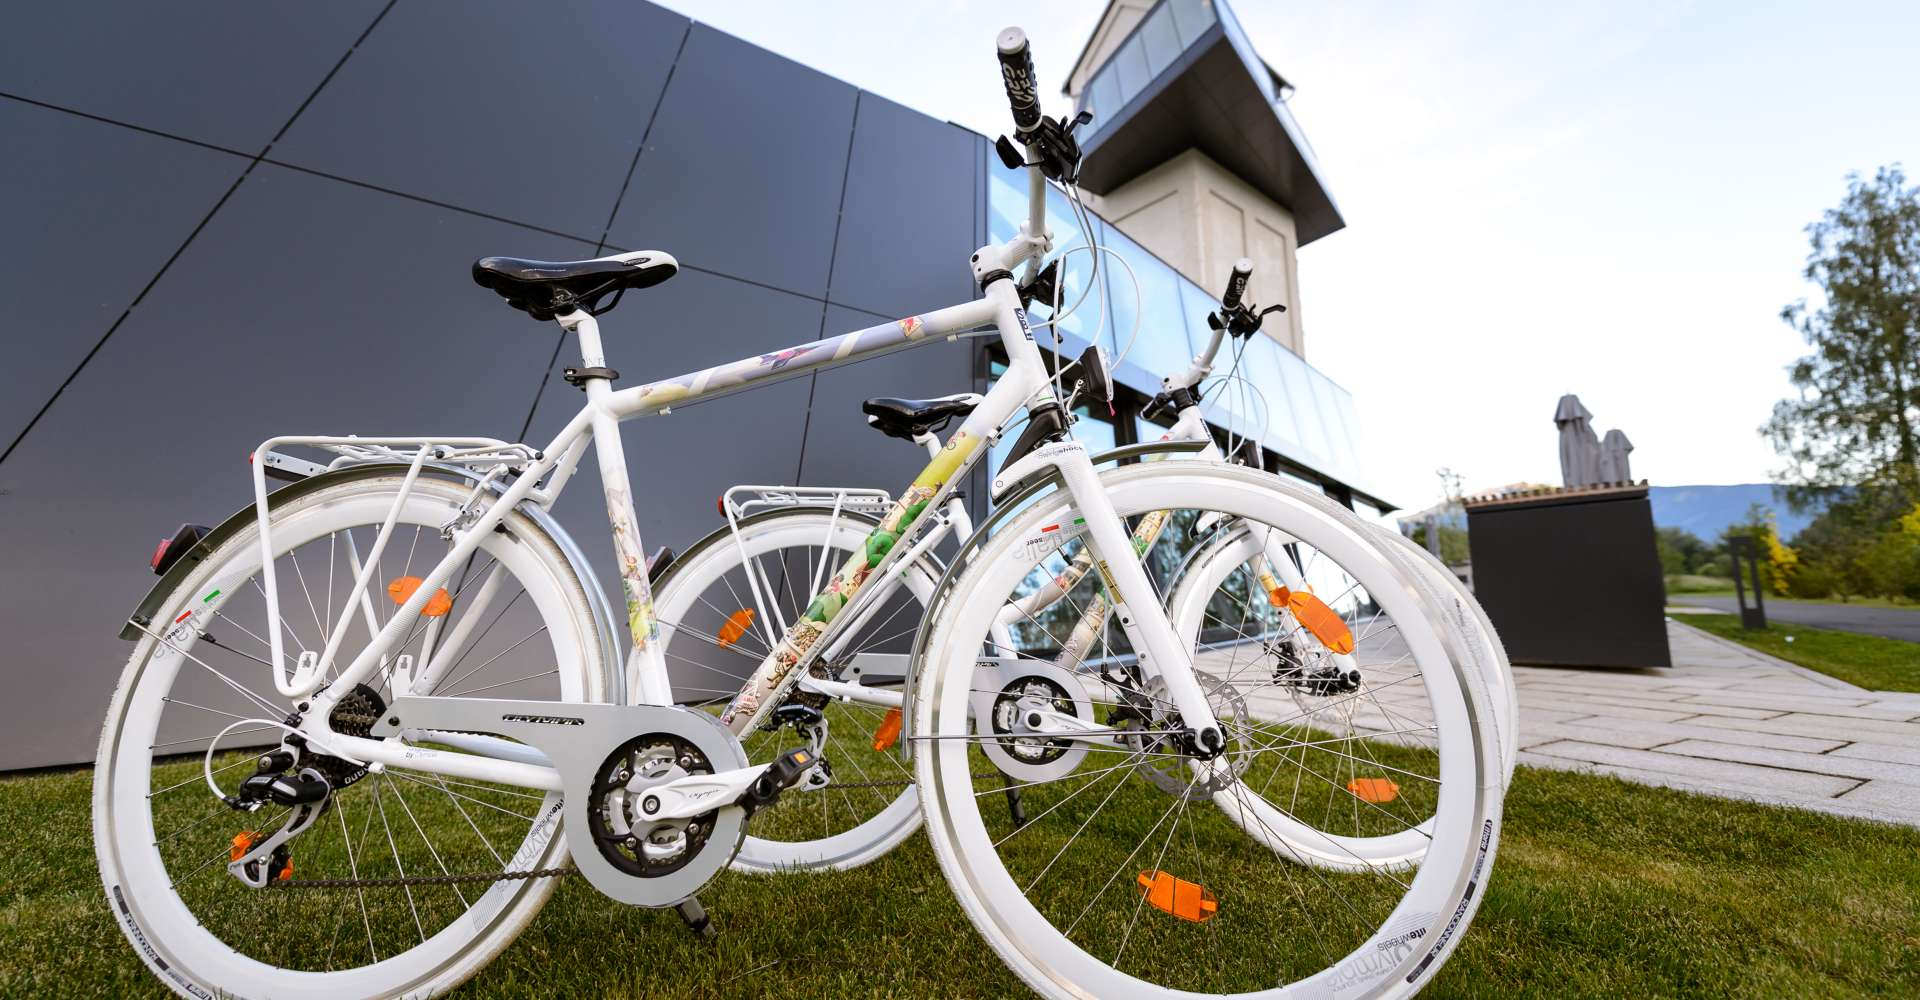 <p>Leihräder Murtal - 1000 Citybikes und Mountainbikes im Red Bull Ring Design stehen bei den Betrieben zur Verfügung.</p> Copyright: